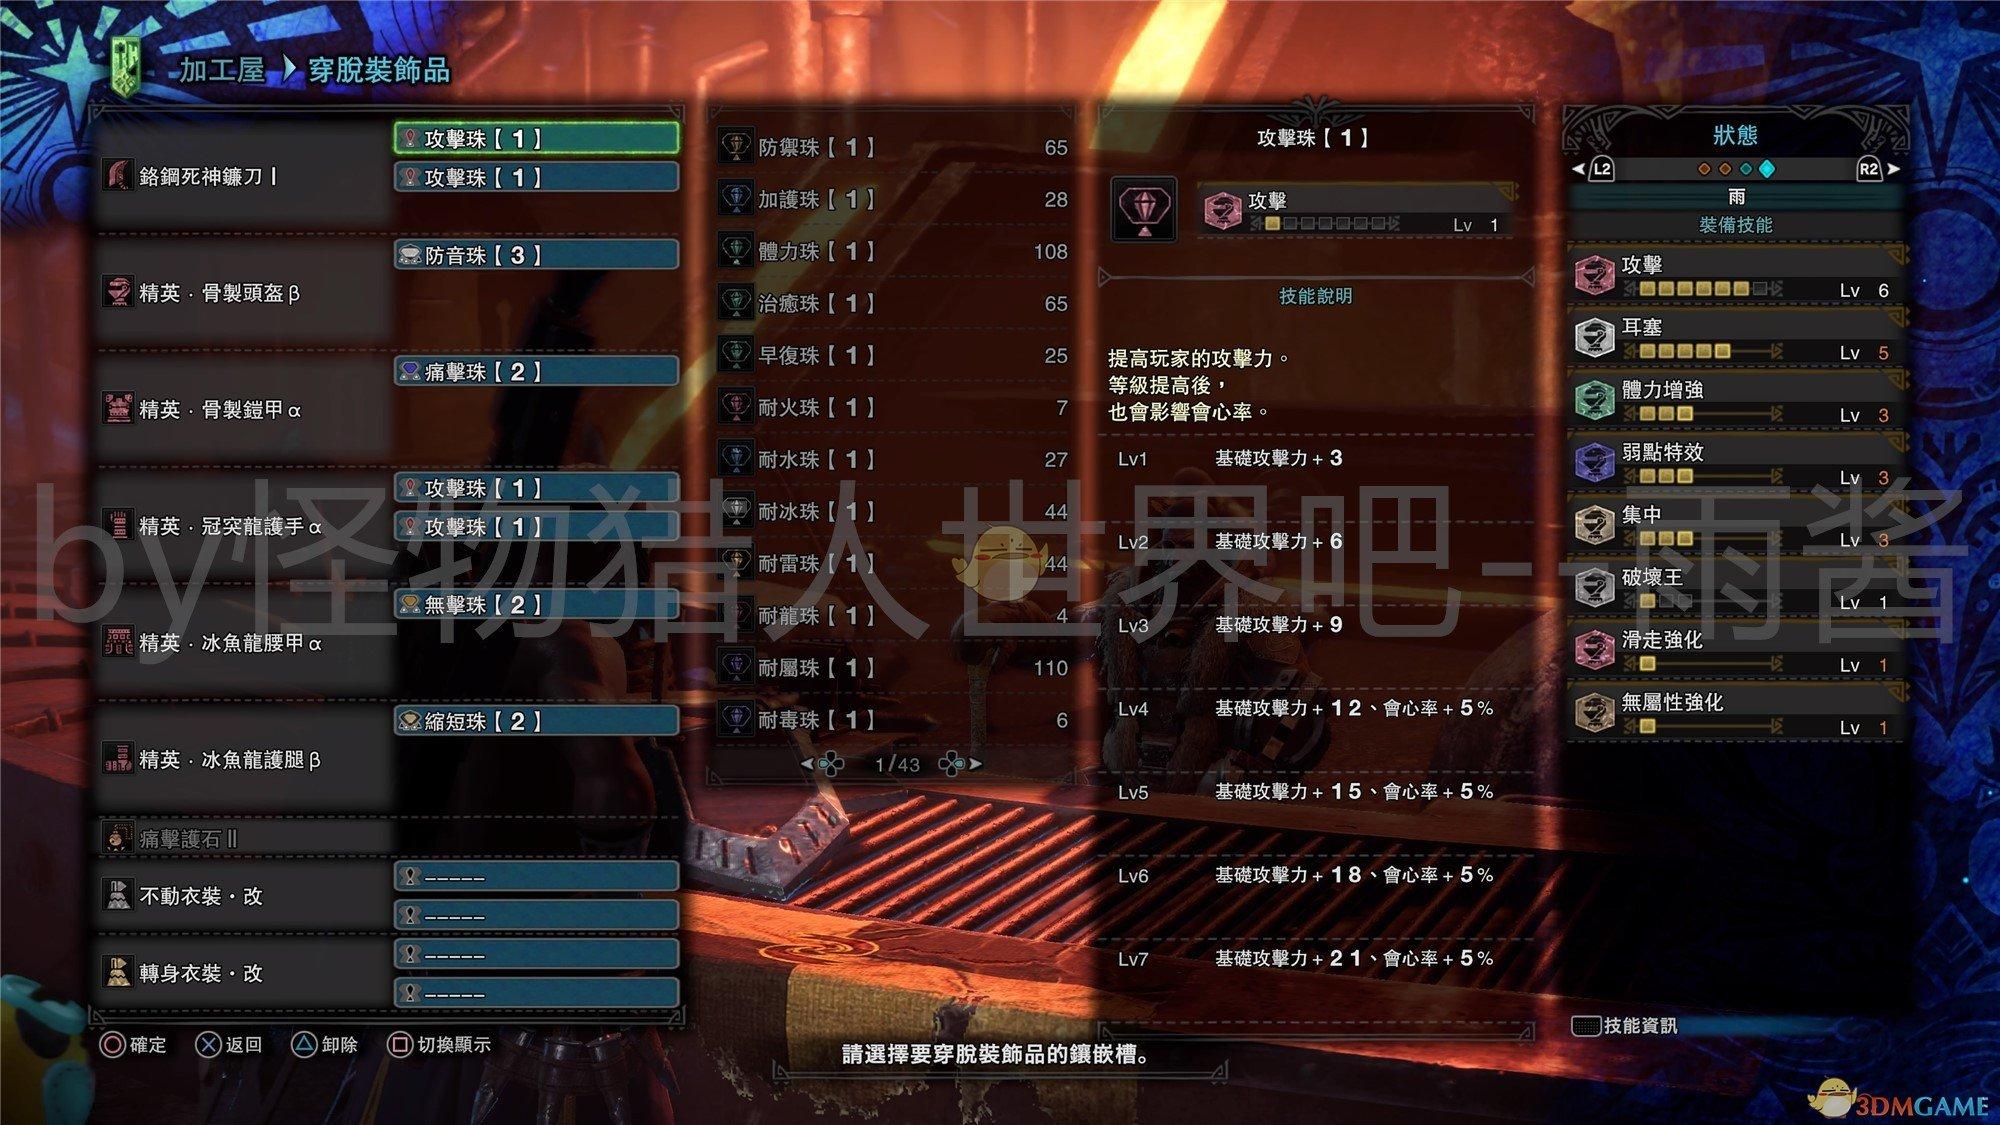 《怪物猎人:世界》冰原DLC开荒初期大剑配装耳栓版分享